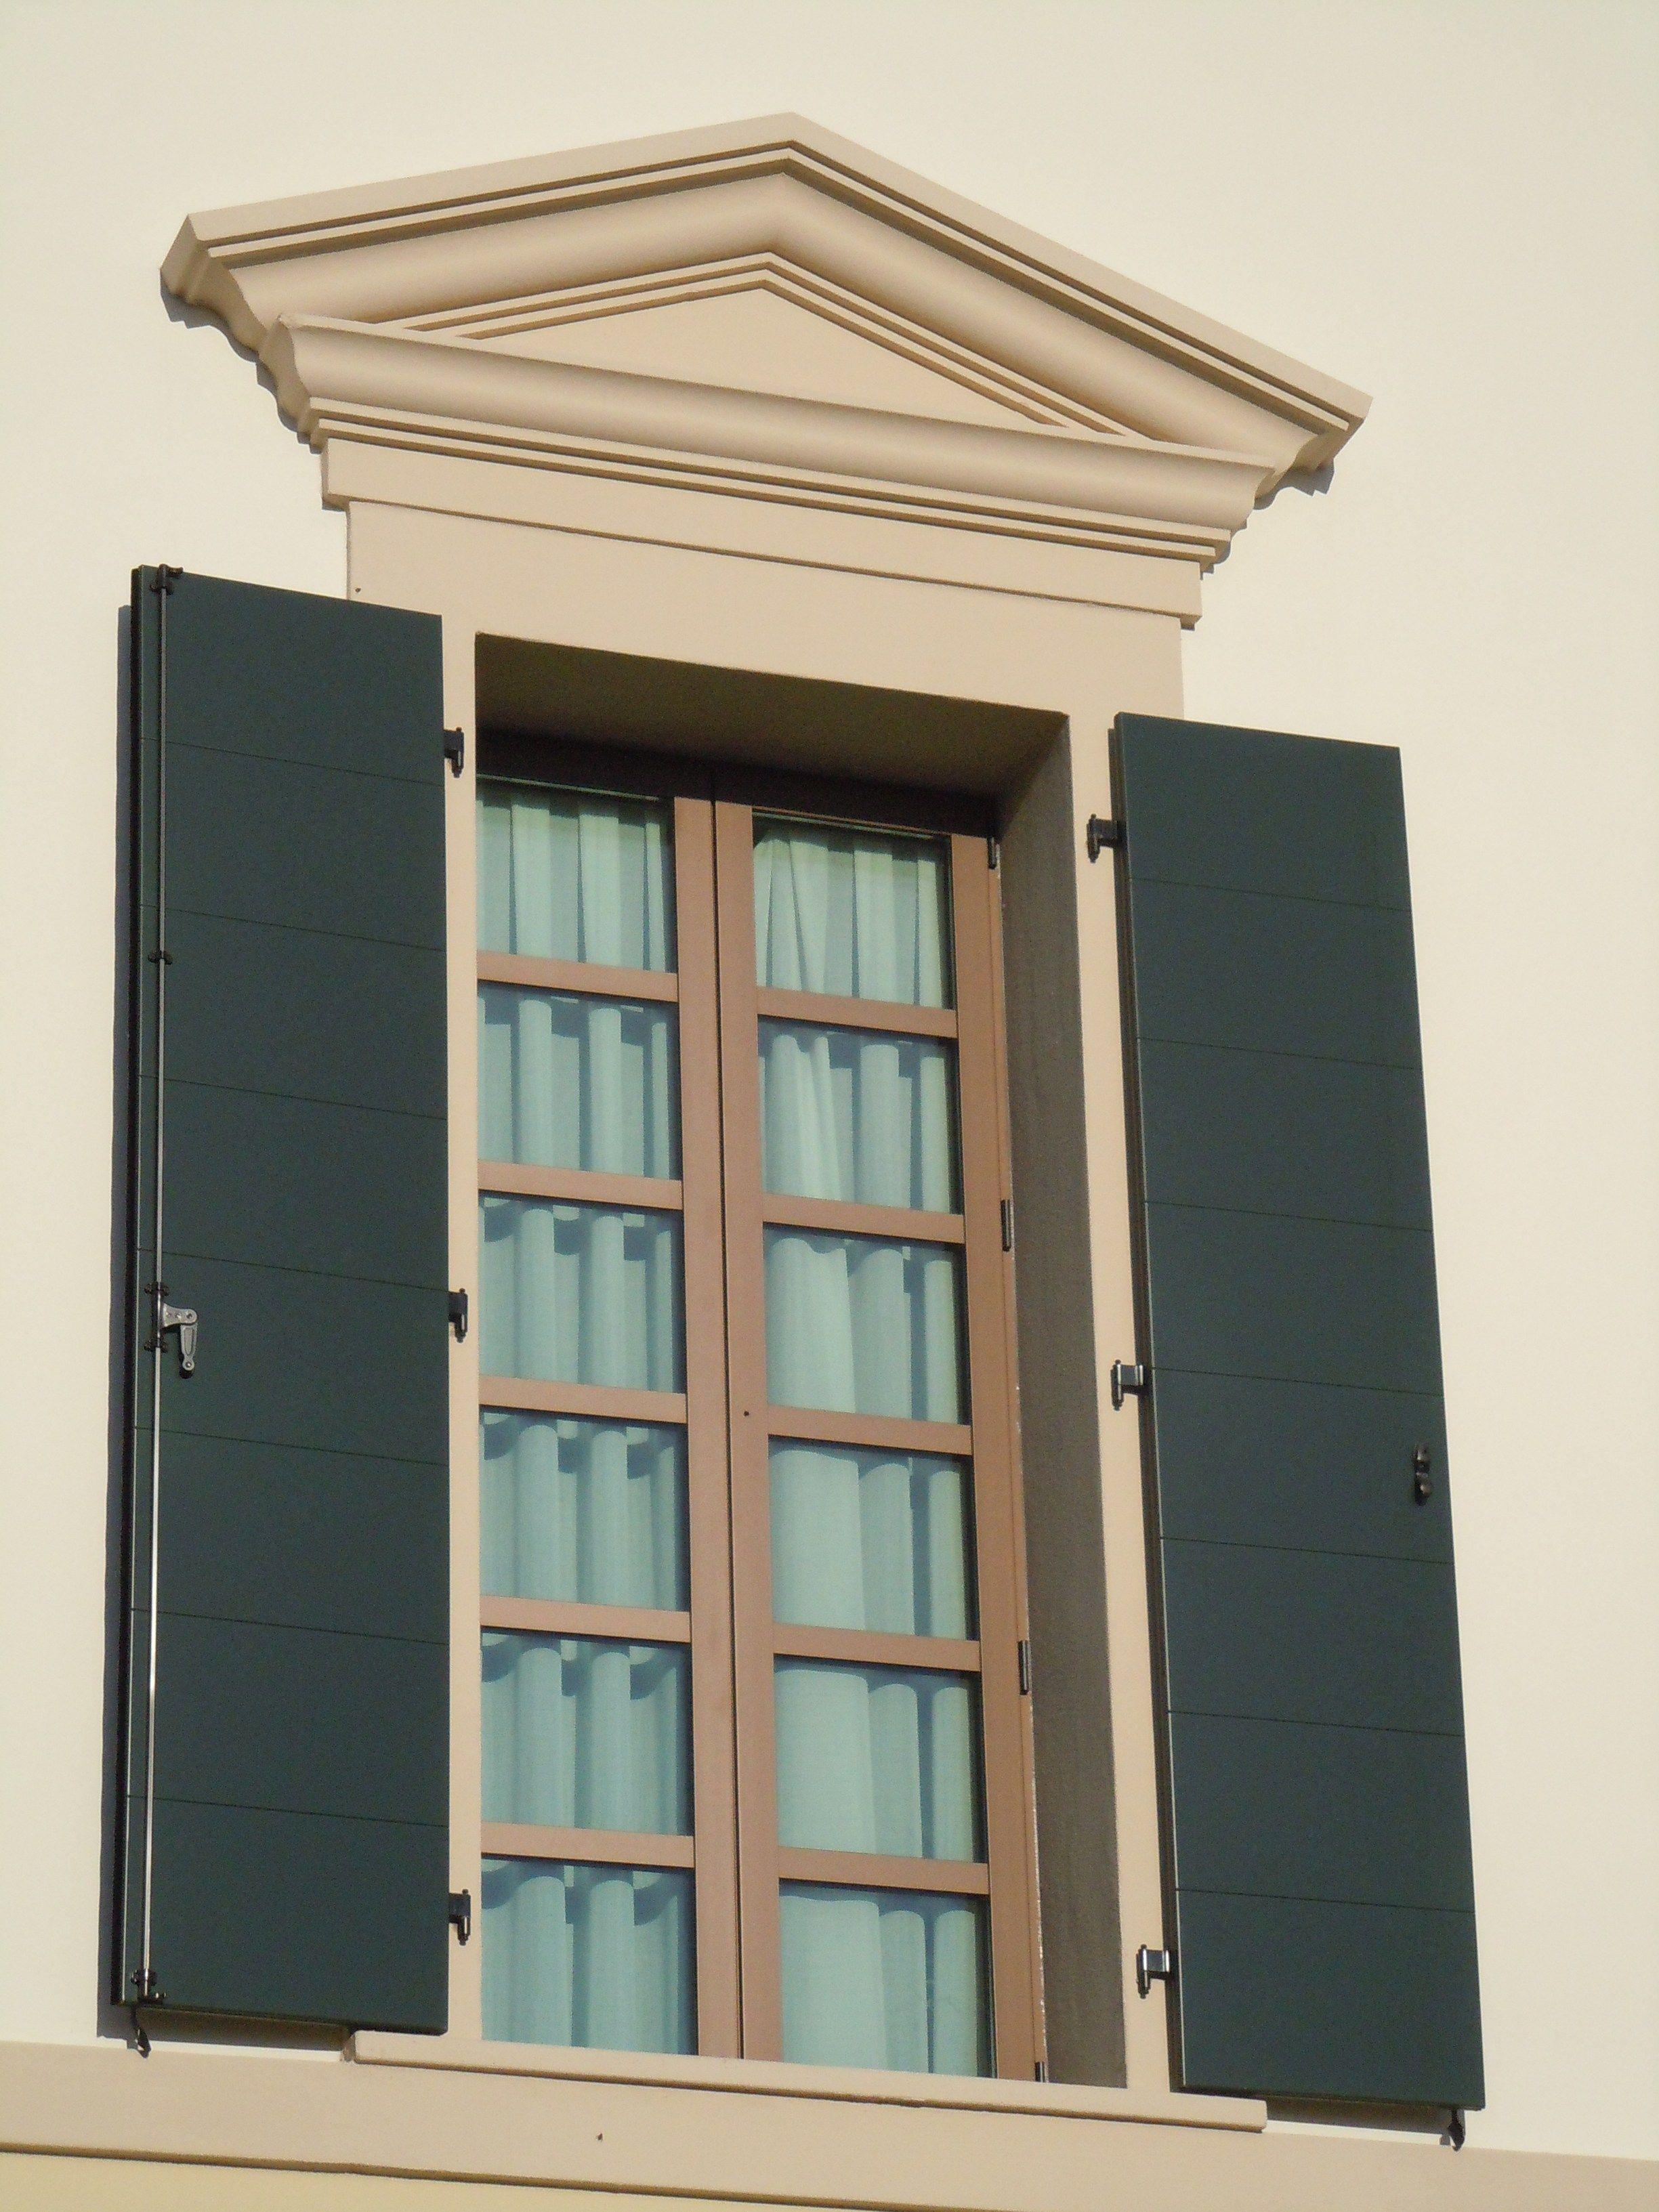 Cornici contorni per finestre by eleni - La finestra biz ...